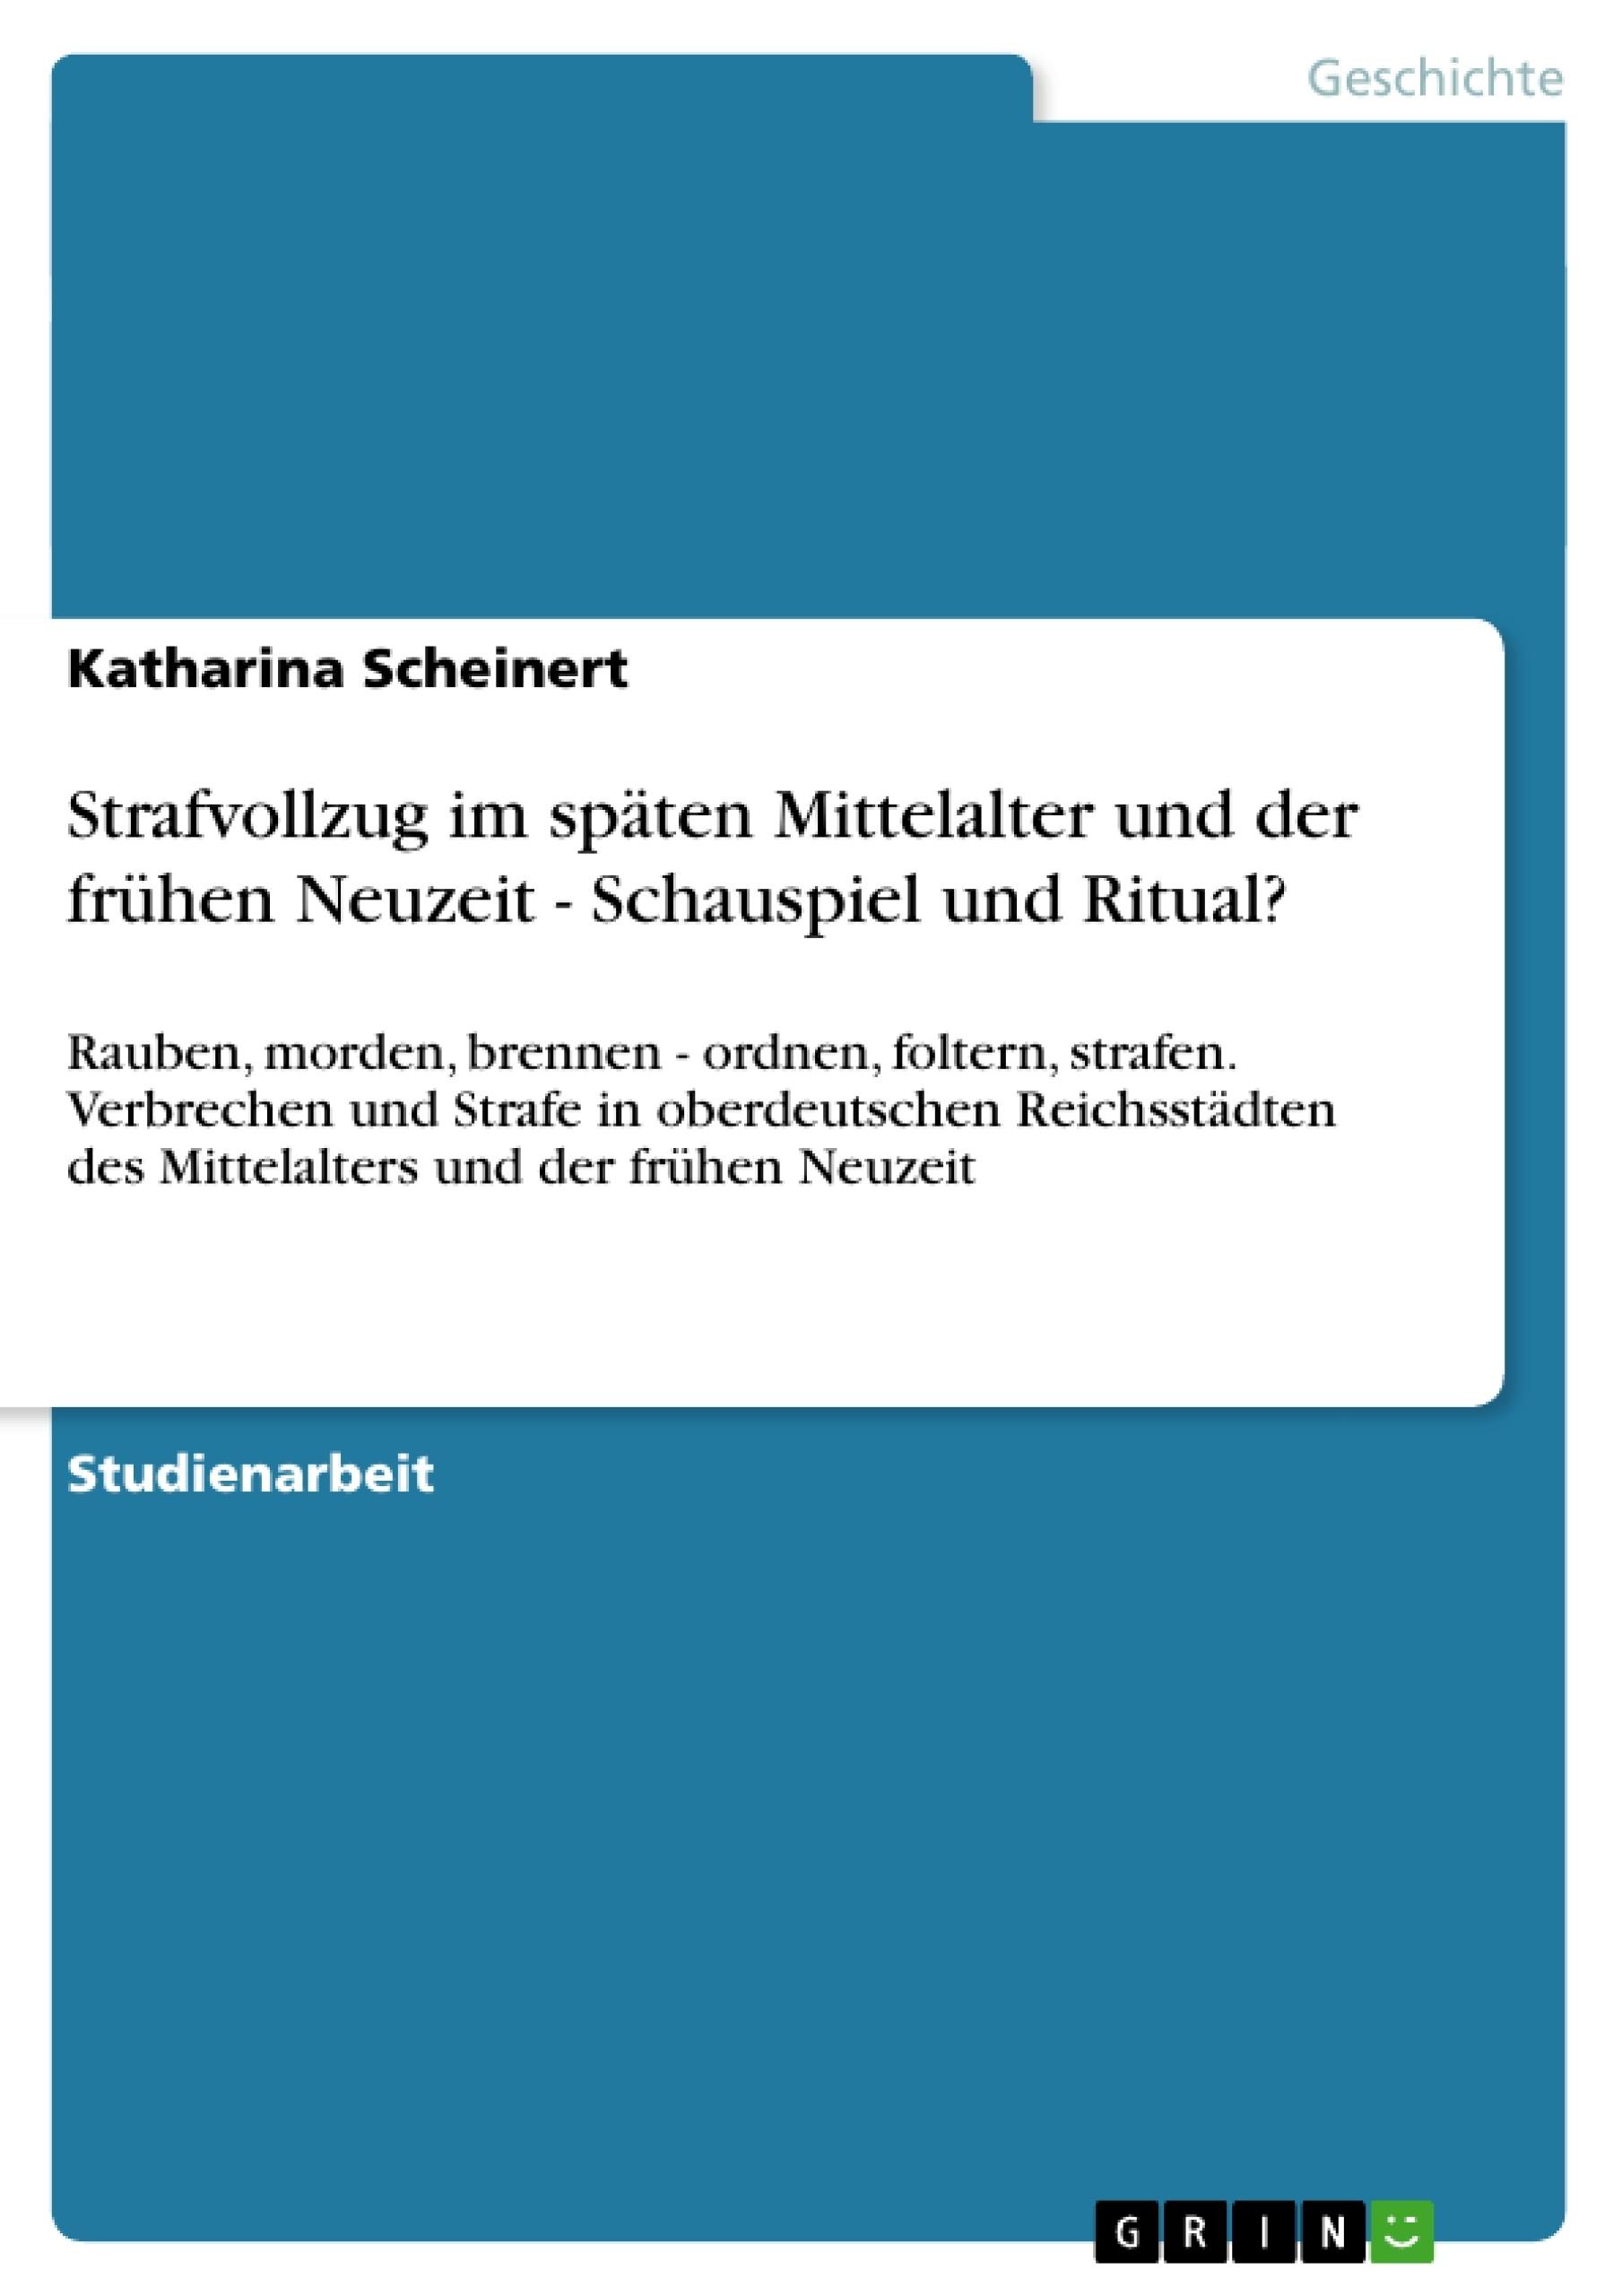 Titel: Strafvollzug im späten Mittelalter und der frühen Neuzeit - Schauspiel und Ritual?